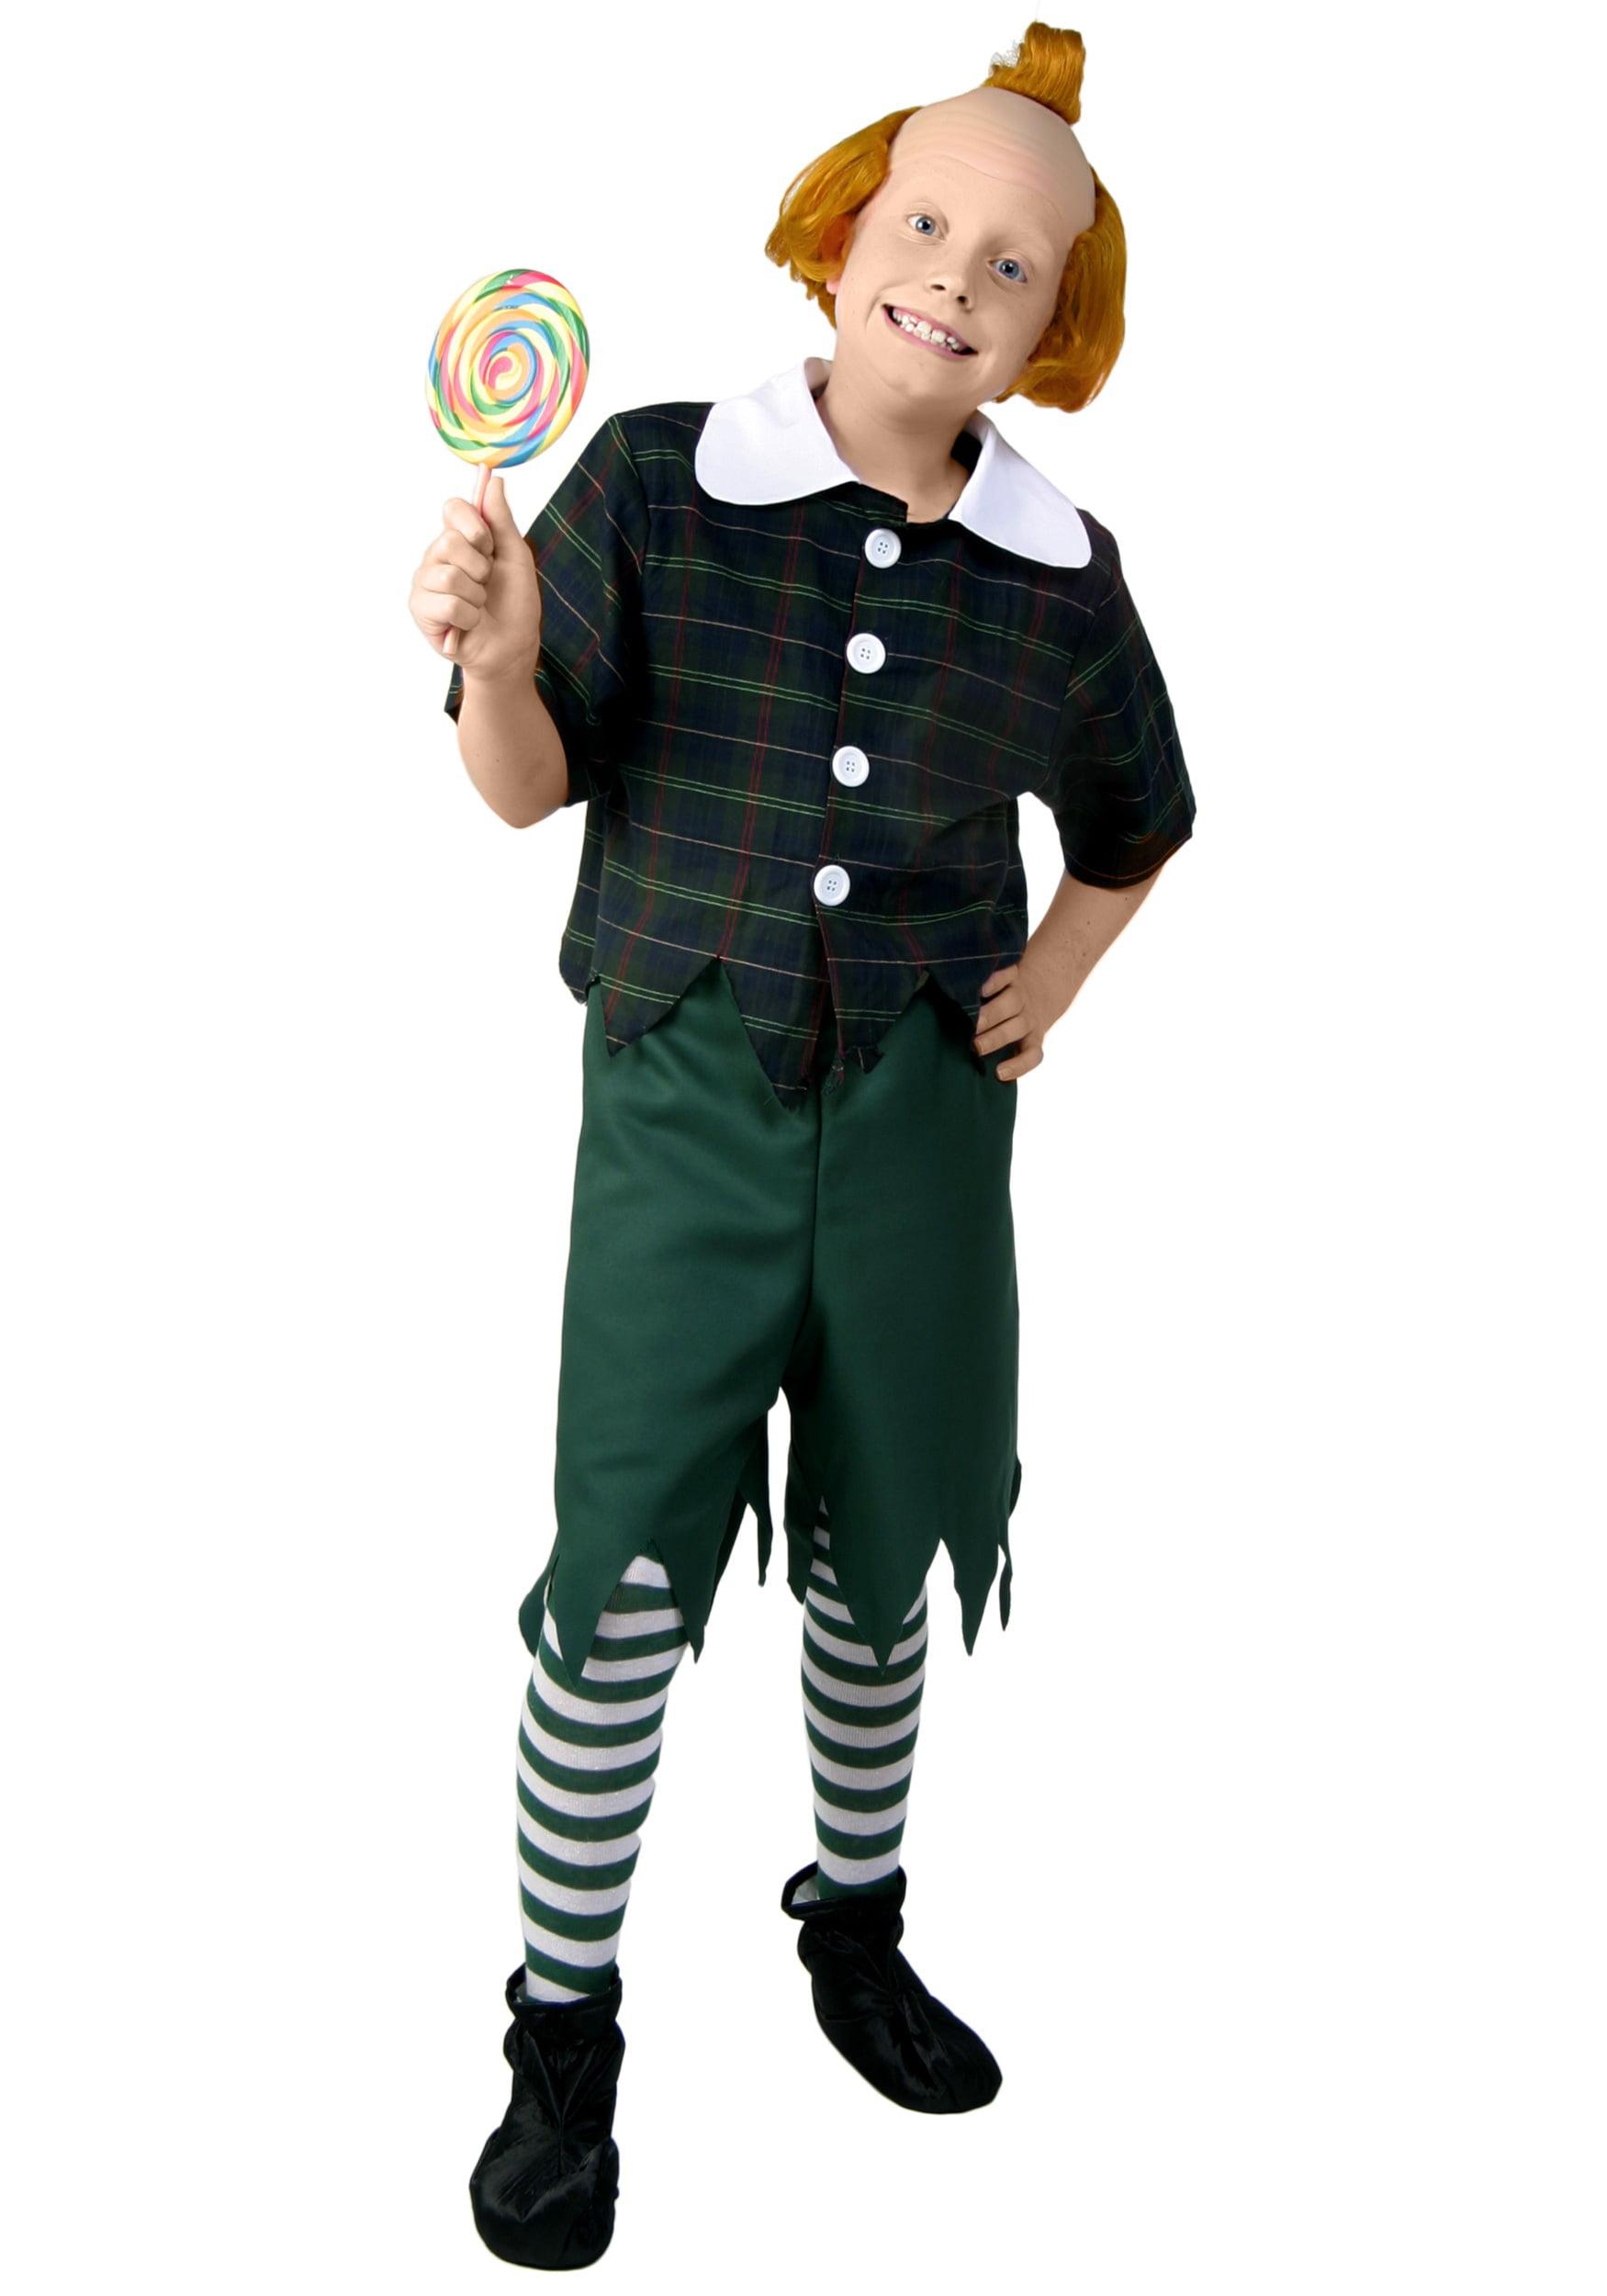 Child Munchkin Costume - Walmart.com